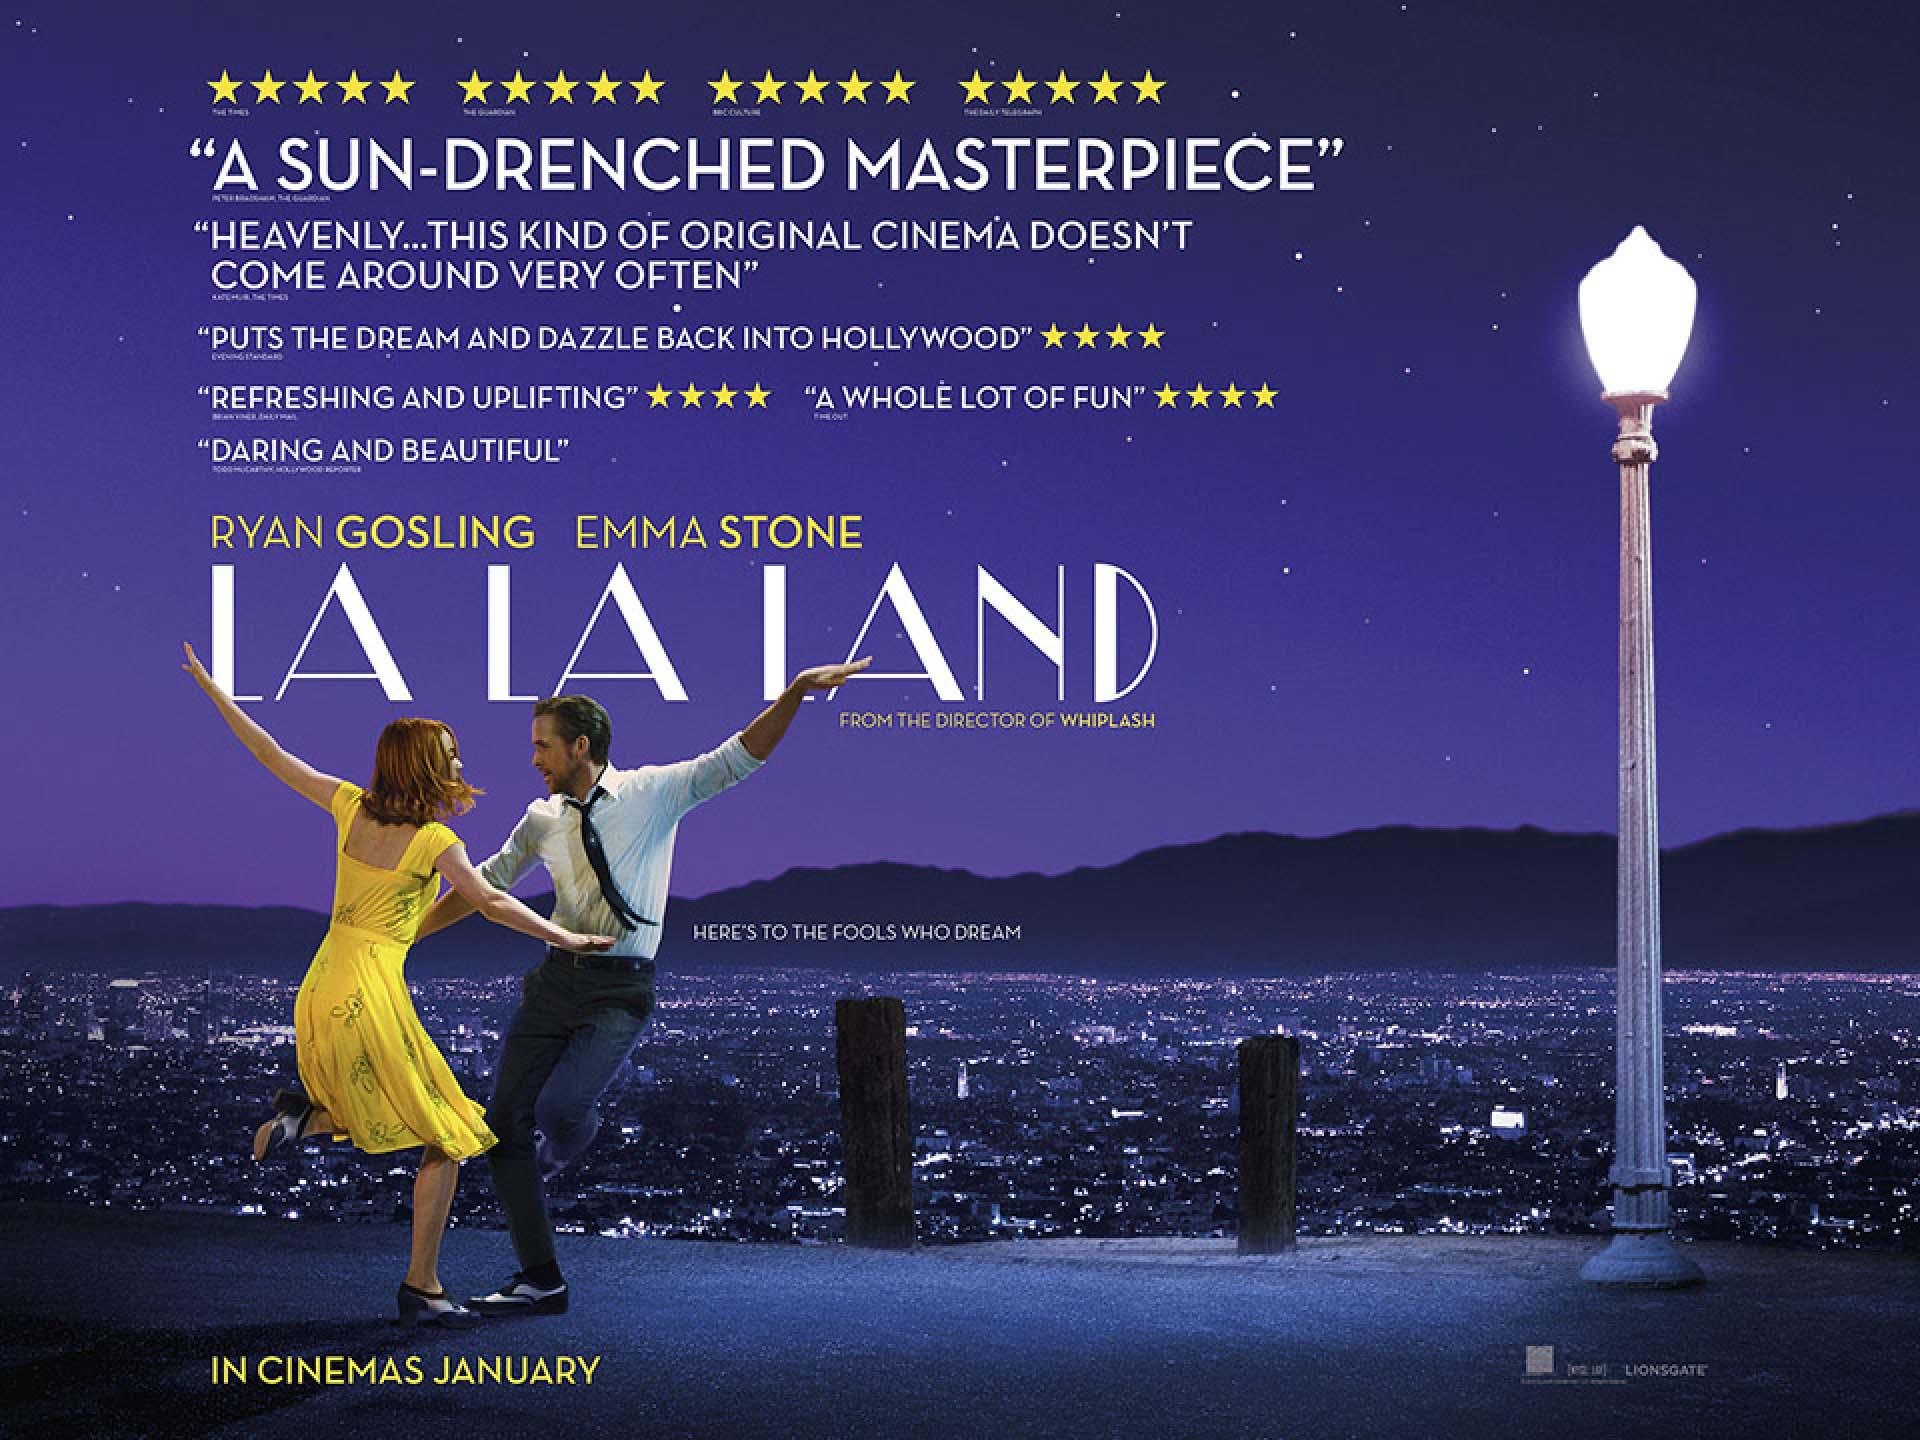 La La Land film review post image